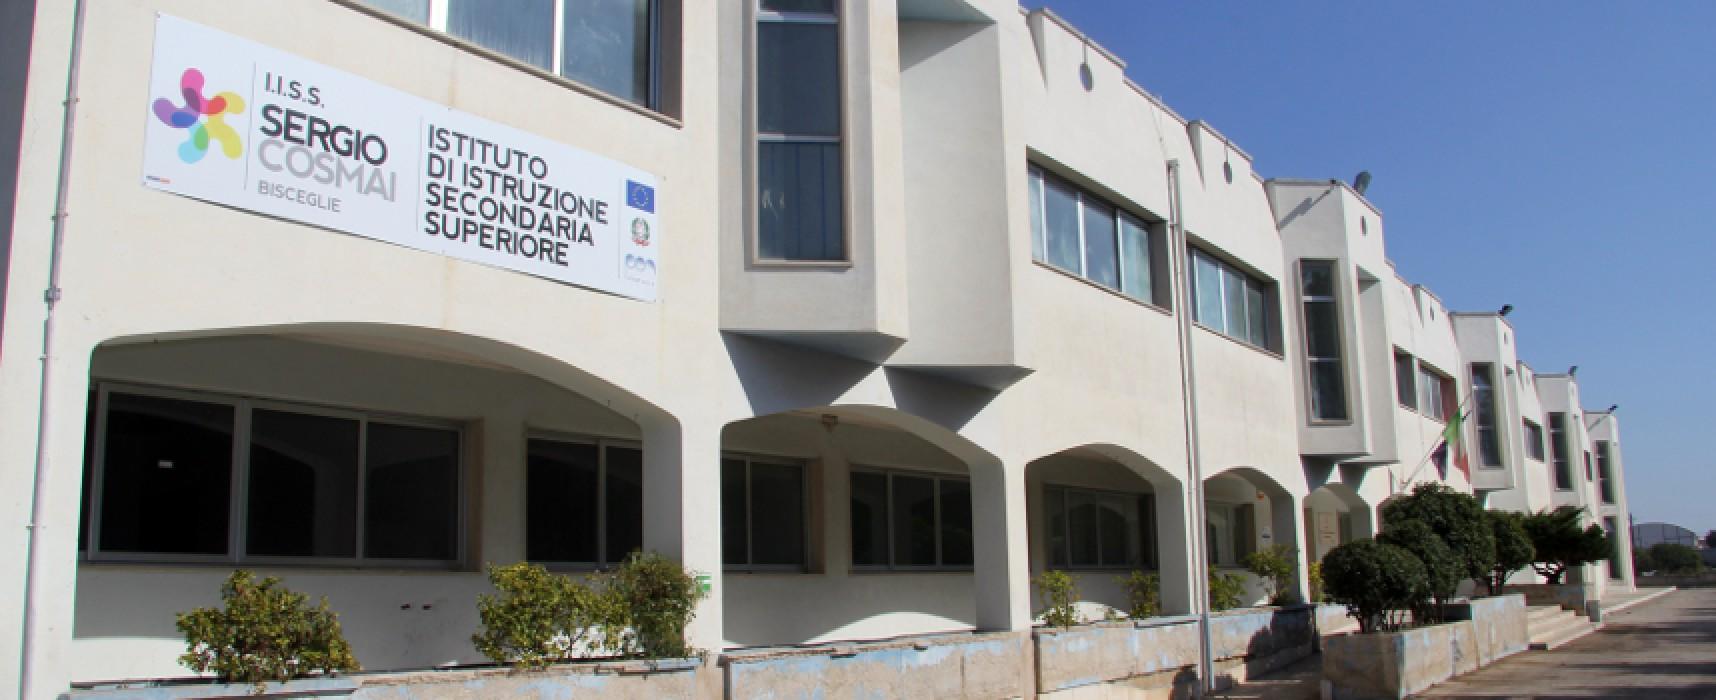 """""""Legalità è lavoro"""", l'Istituto professionale ricorda Sergio Cosmai"""